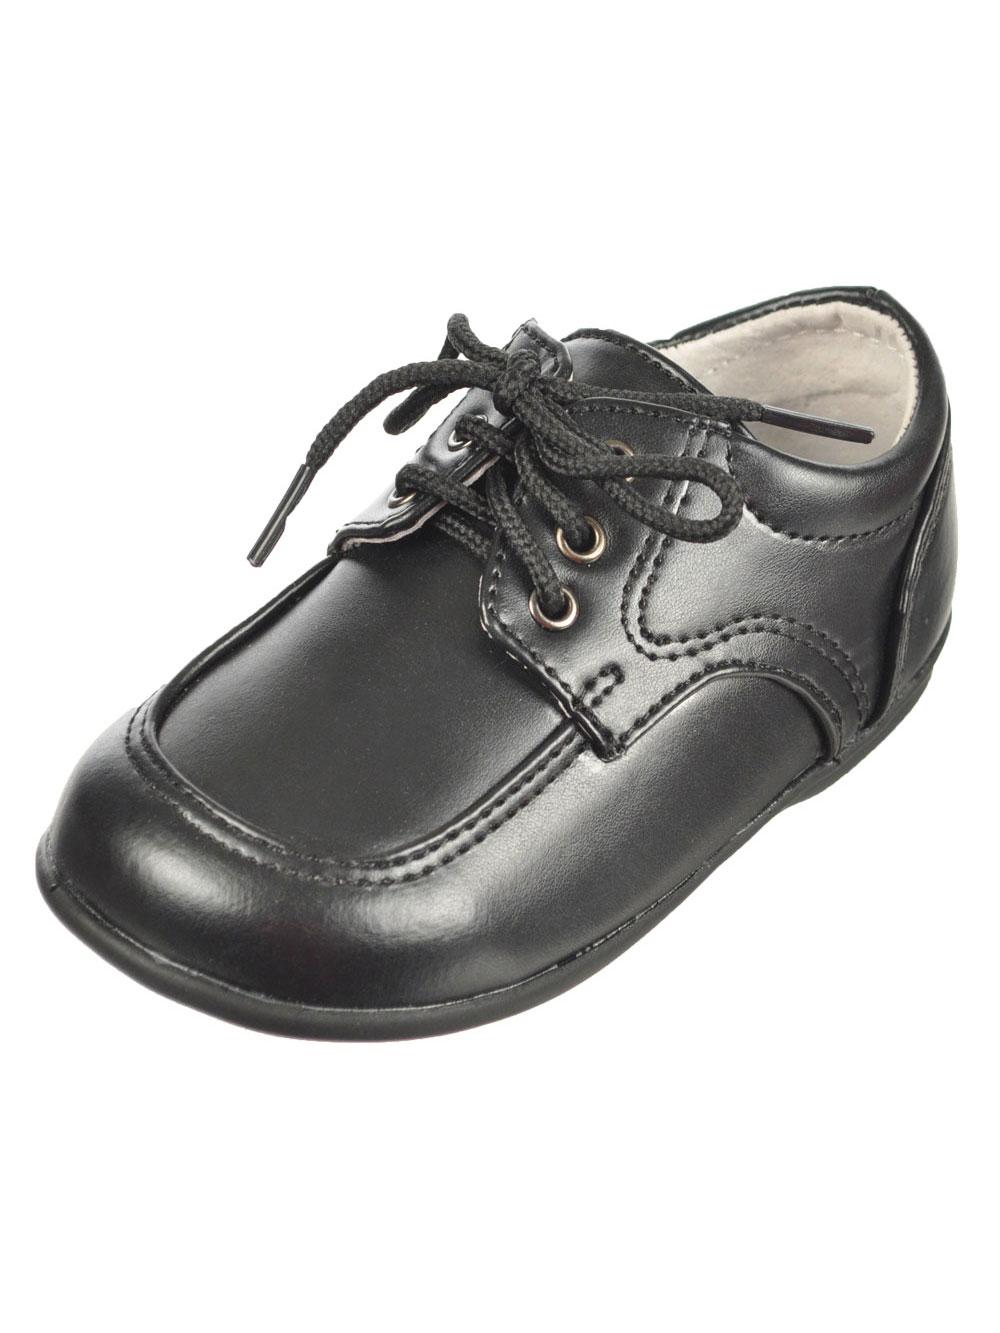 Image of Josmo Boys Mason Dress Shoes Infant Sizes 2  8